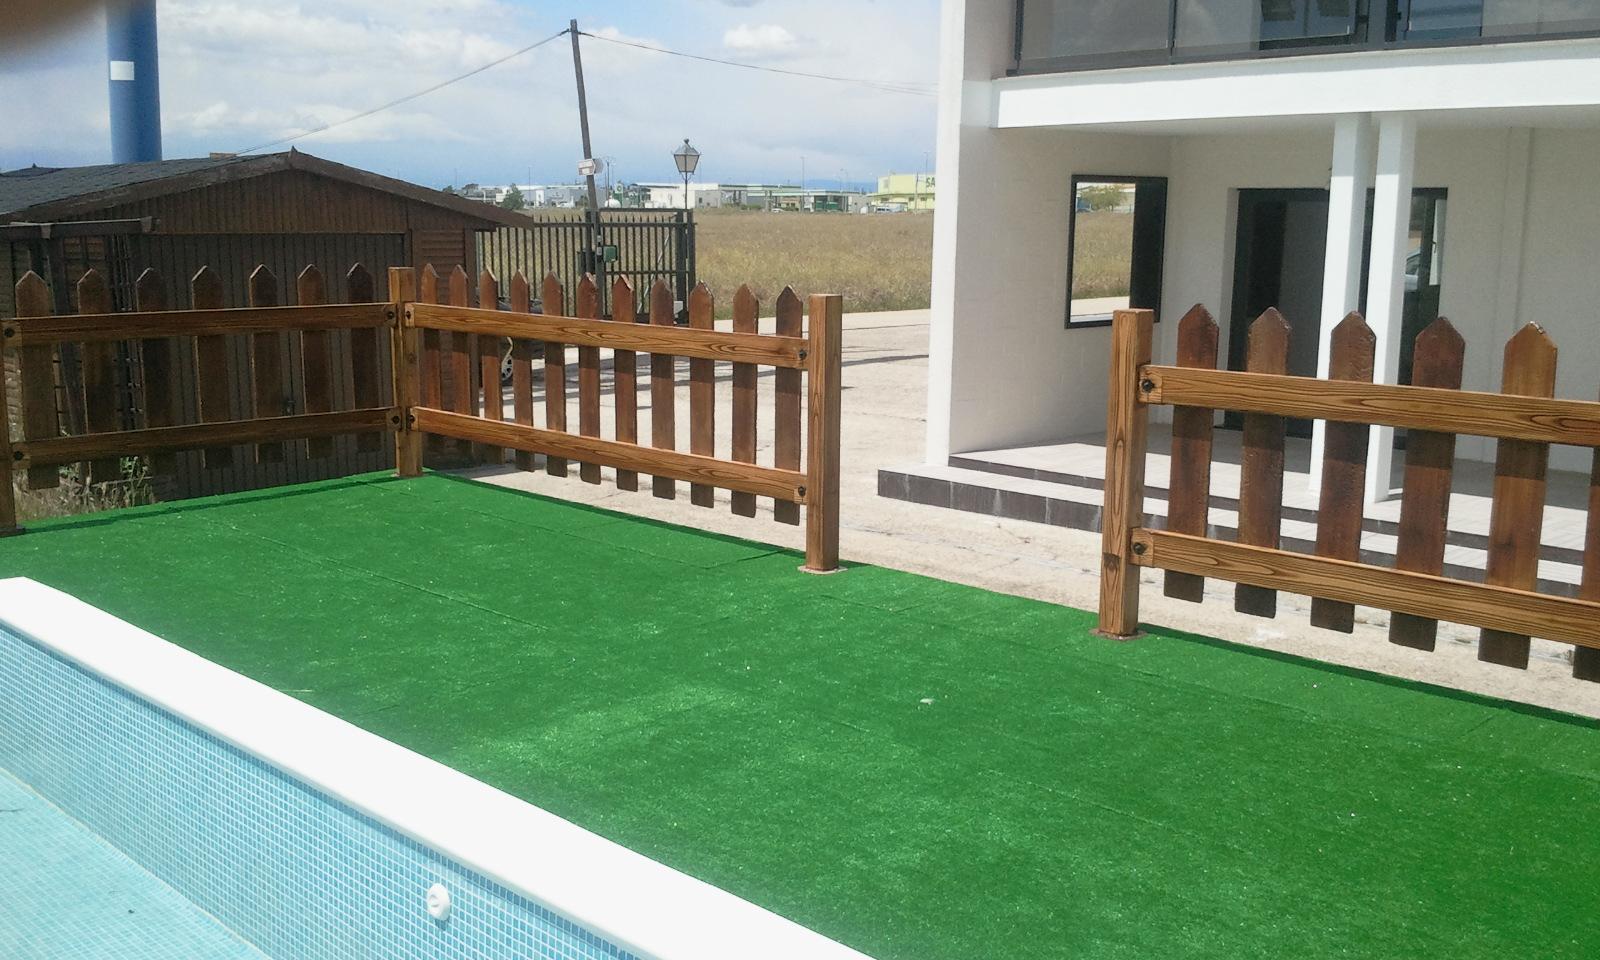 Vallas de acero y hormig n comprar casas de madera for Kit piscina hormigon